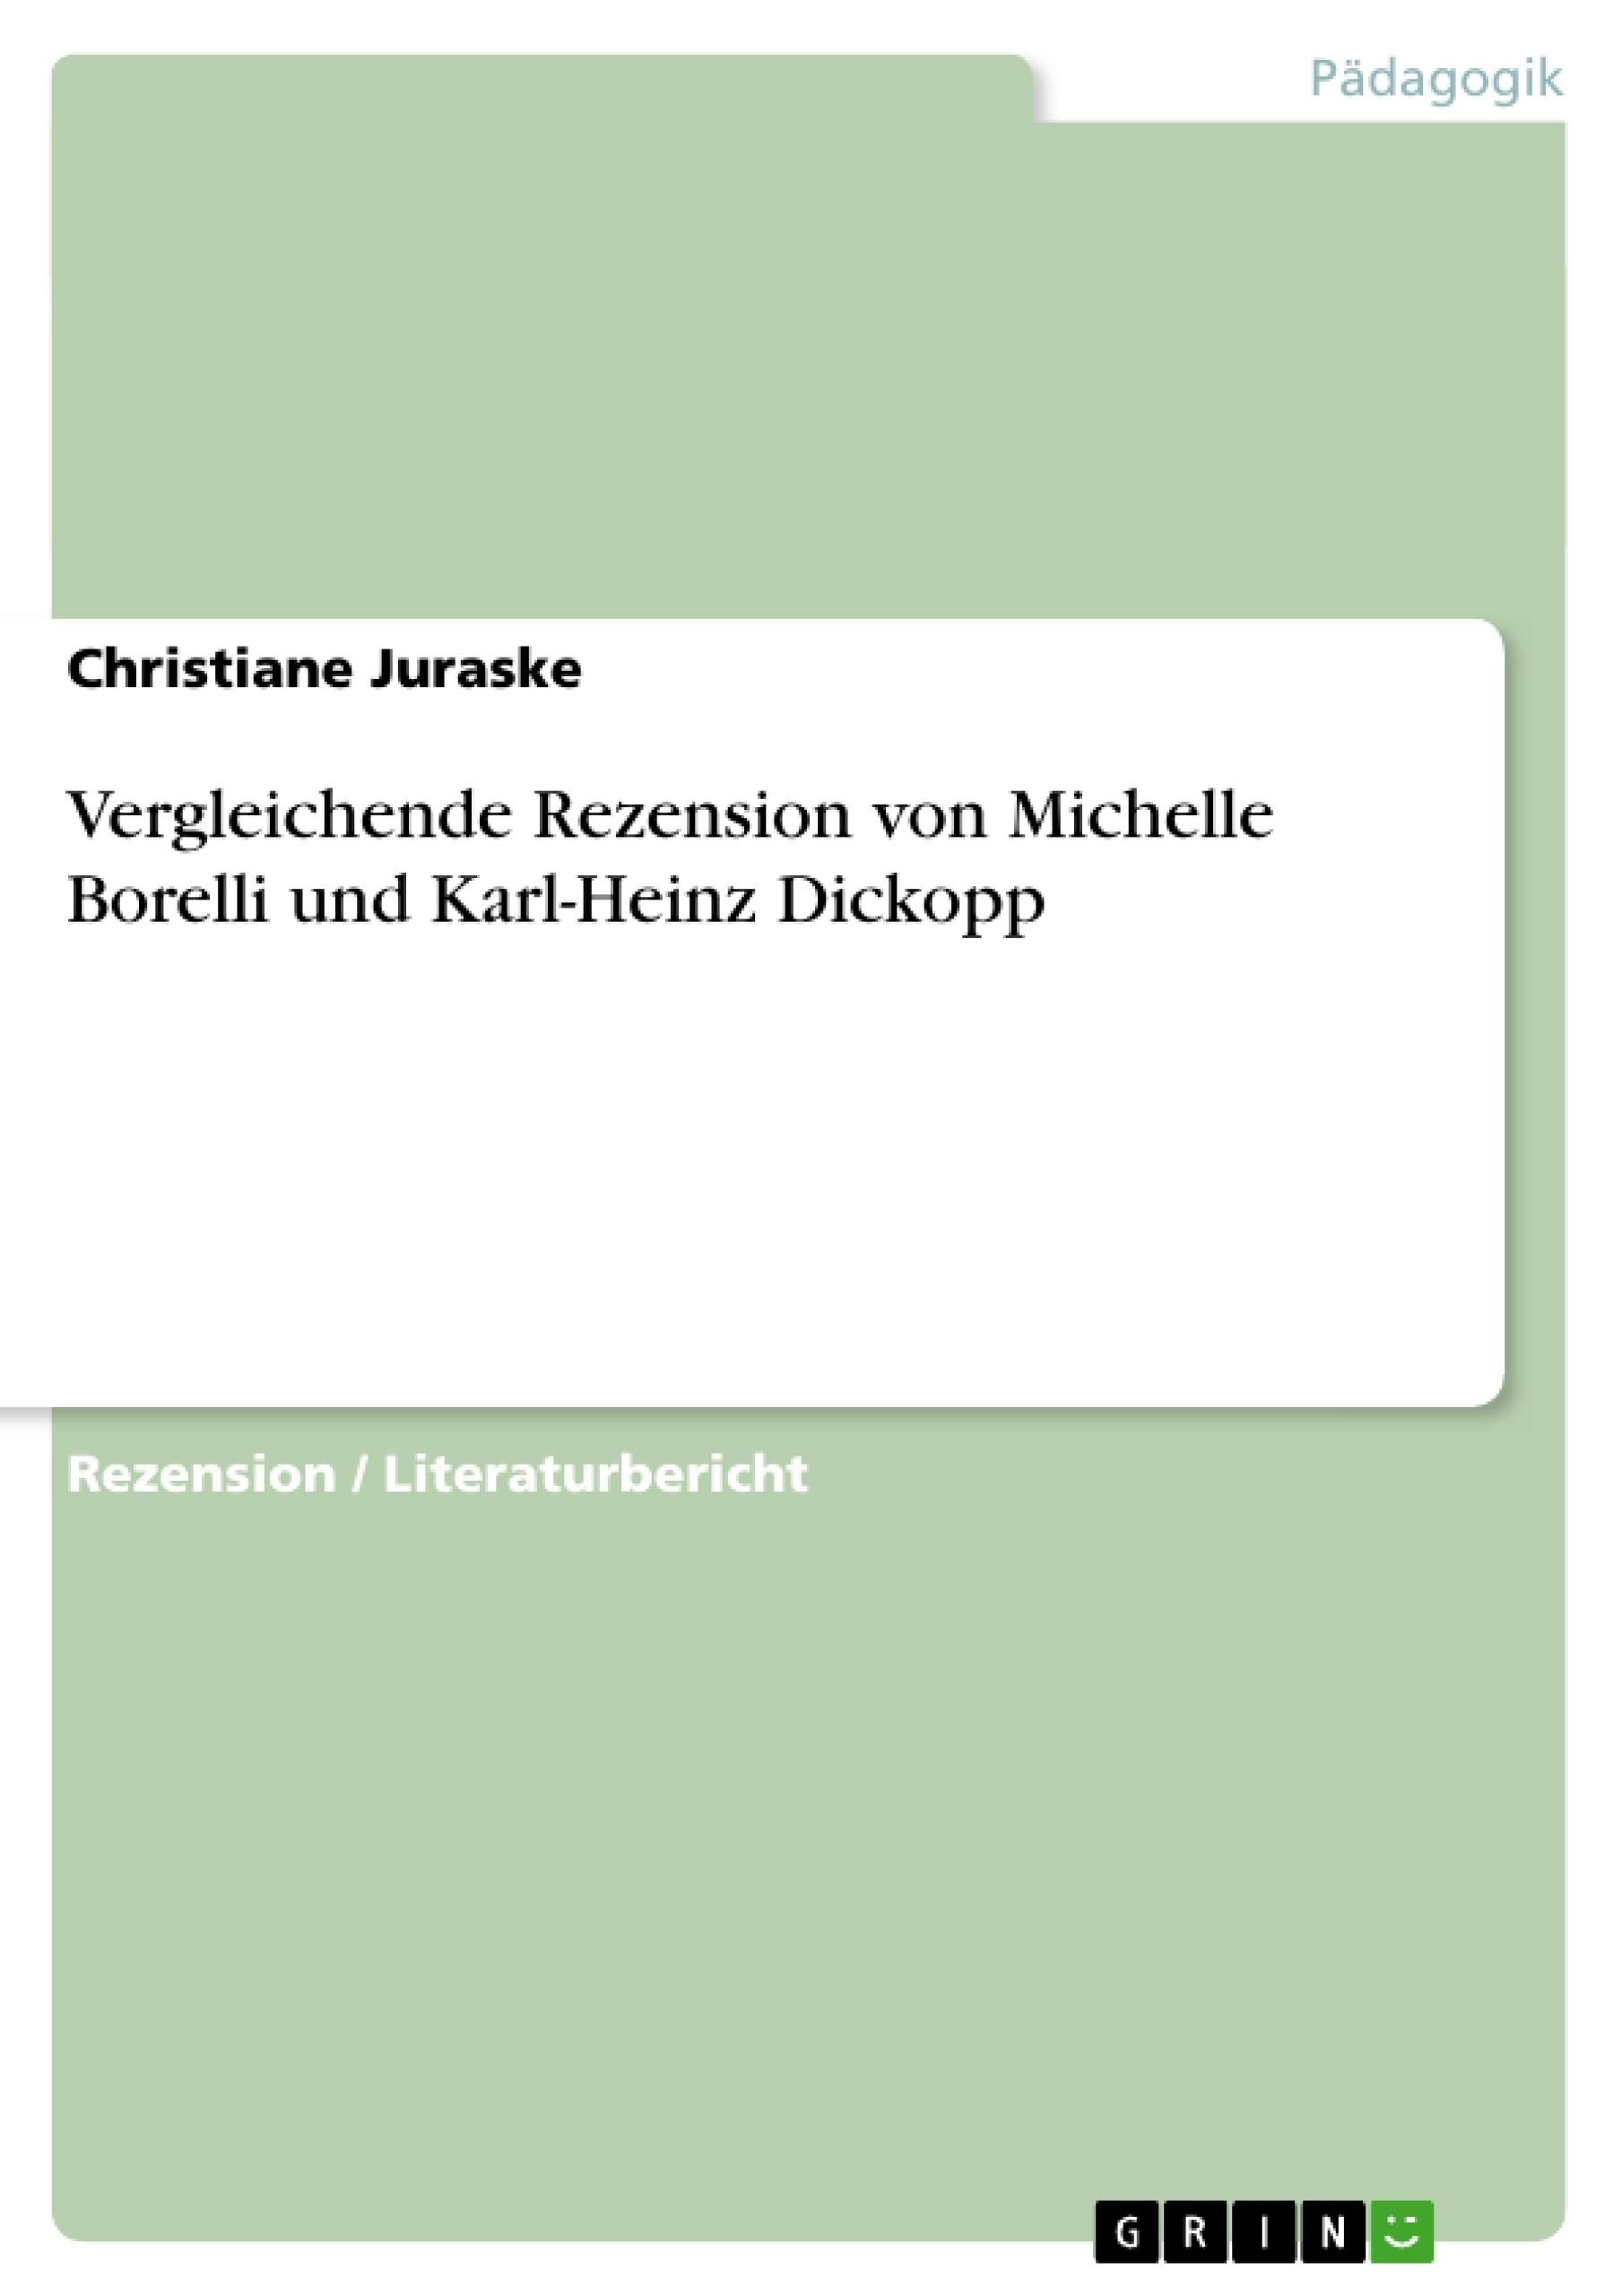 Titel: Vergleichende Rezension von Michelle Borelli und Karl-Heinz Dickopp